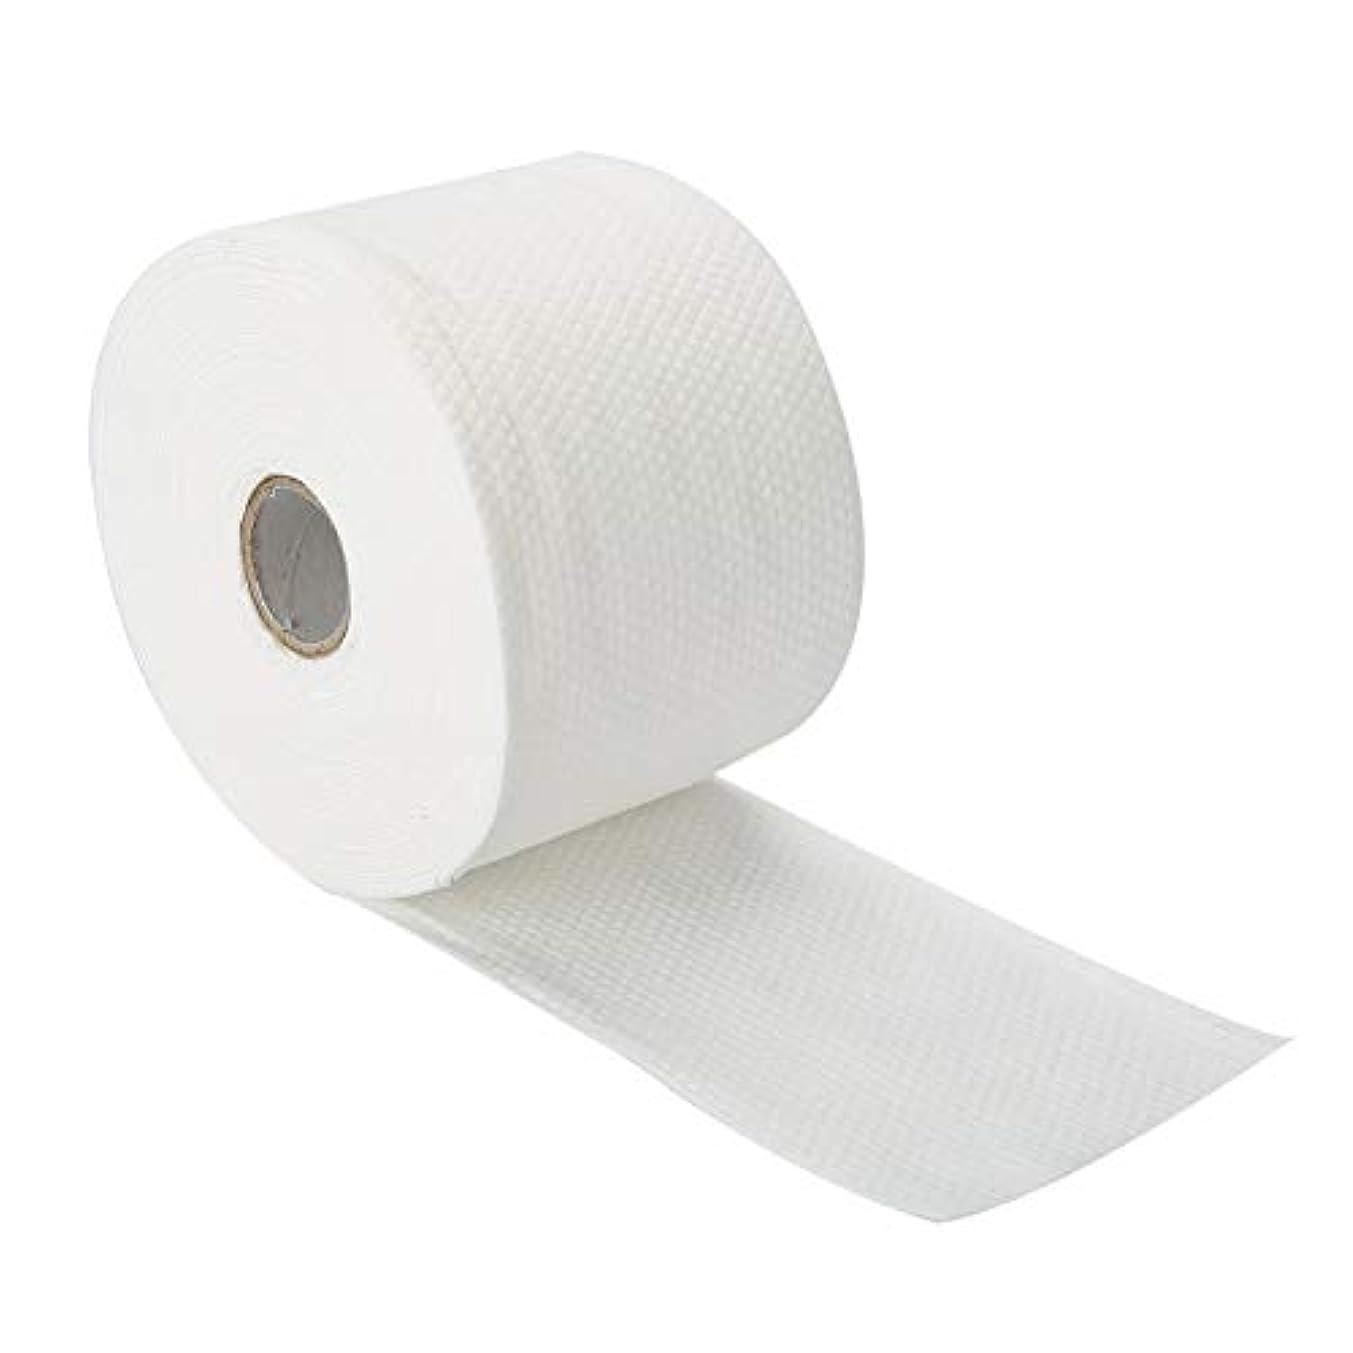 急行するトレーニングさておき構造の使い捨て可能 表面 タオル 柔らかい Nonwoven クリーニングの化粧品の綿パッド25m